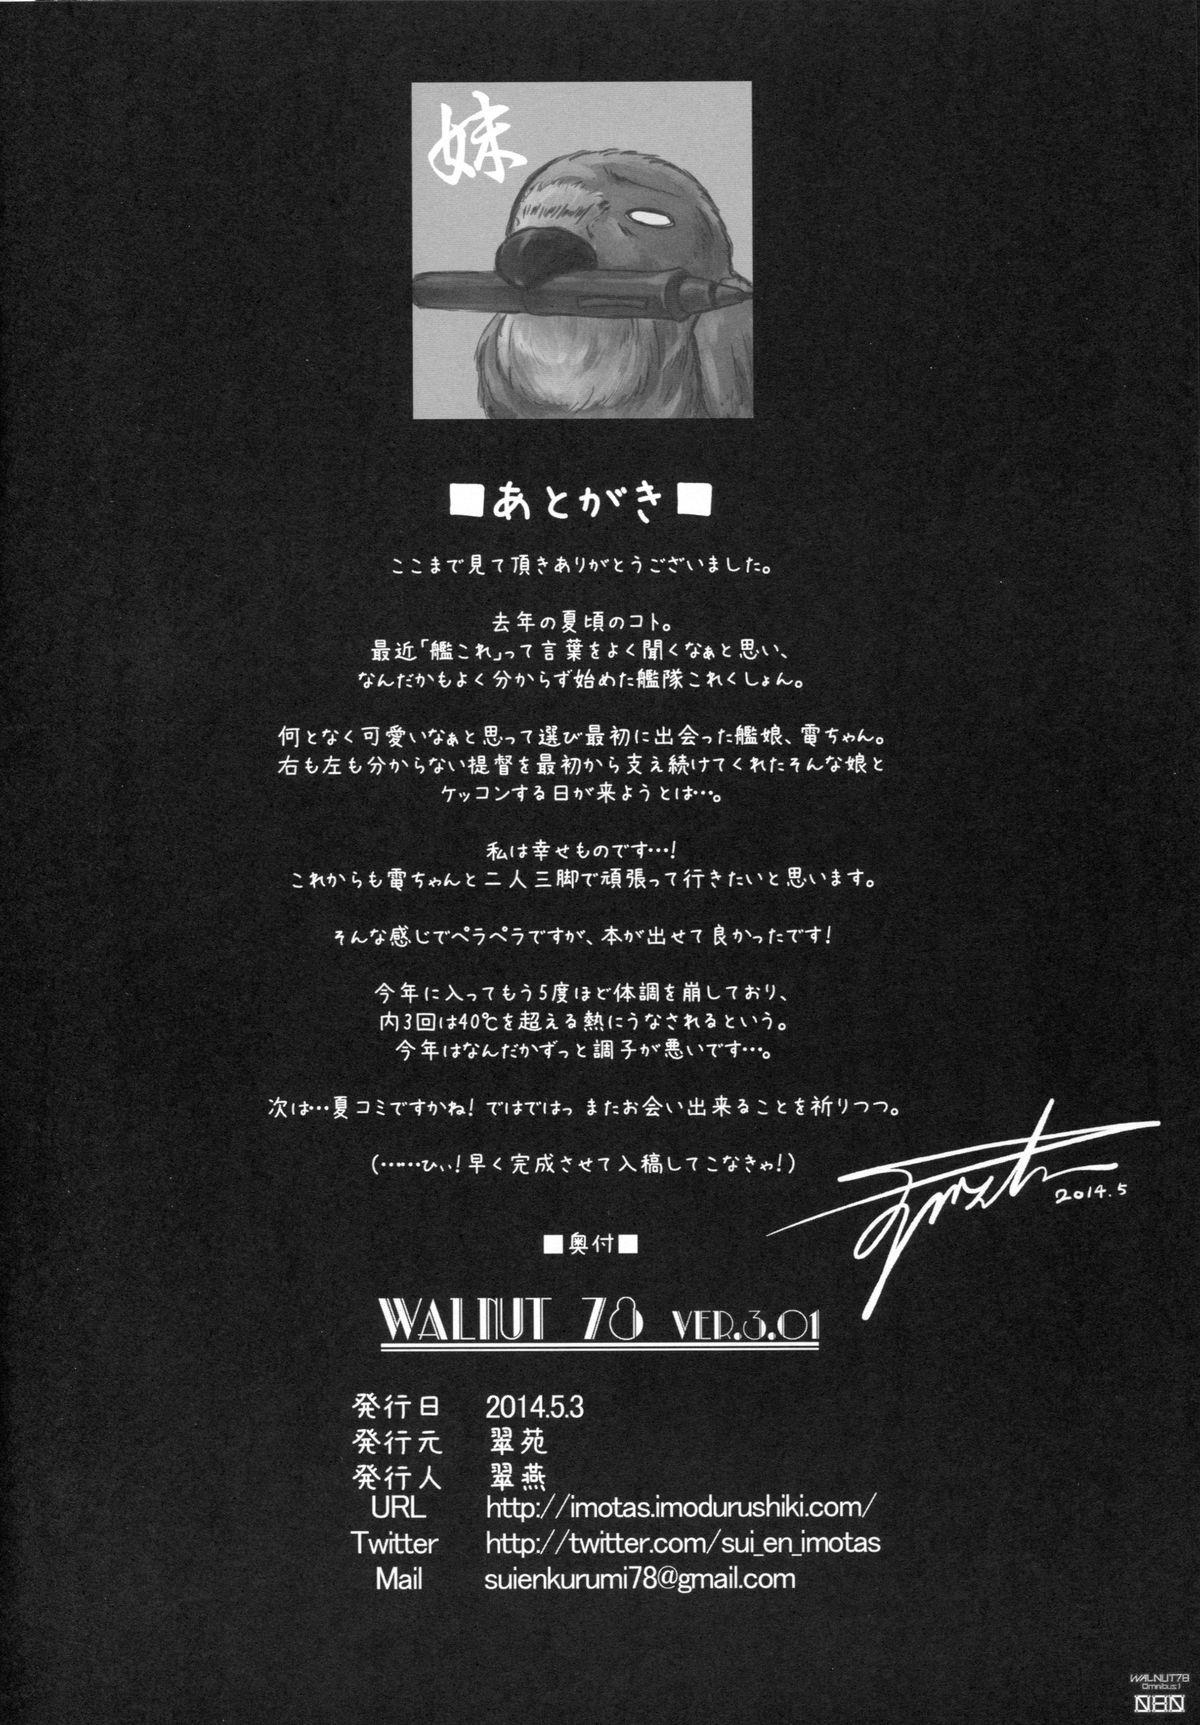 (C89) [Sui-en (Sui-en)] WALNUT78 Omnibus 1 -Suien-en Illustrations 2012-2014- (Various) 77